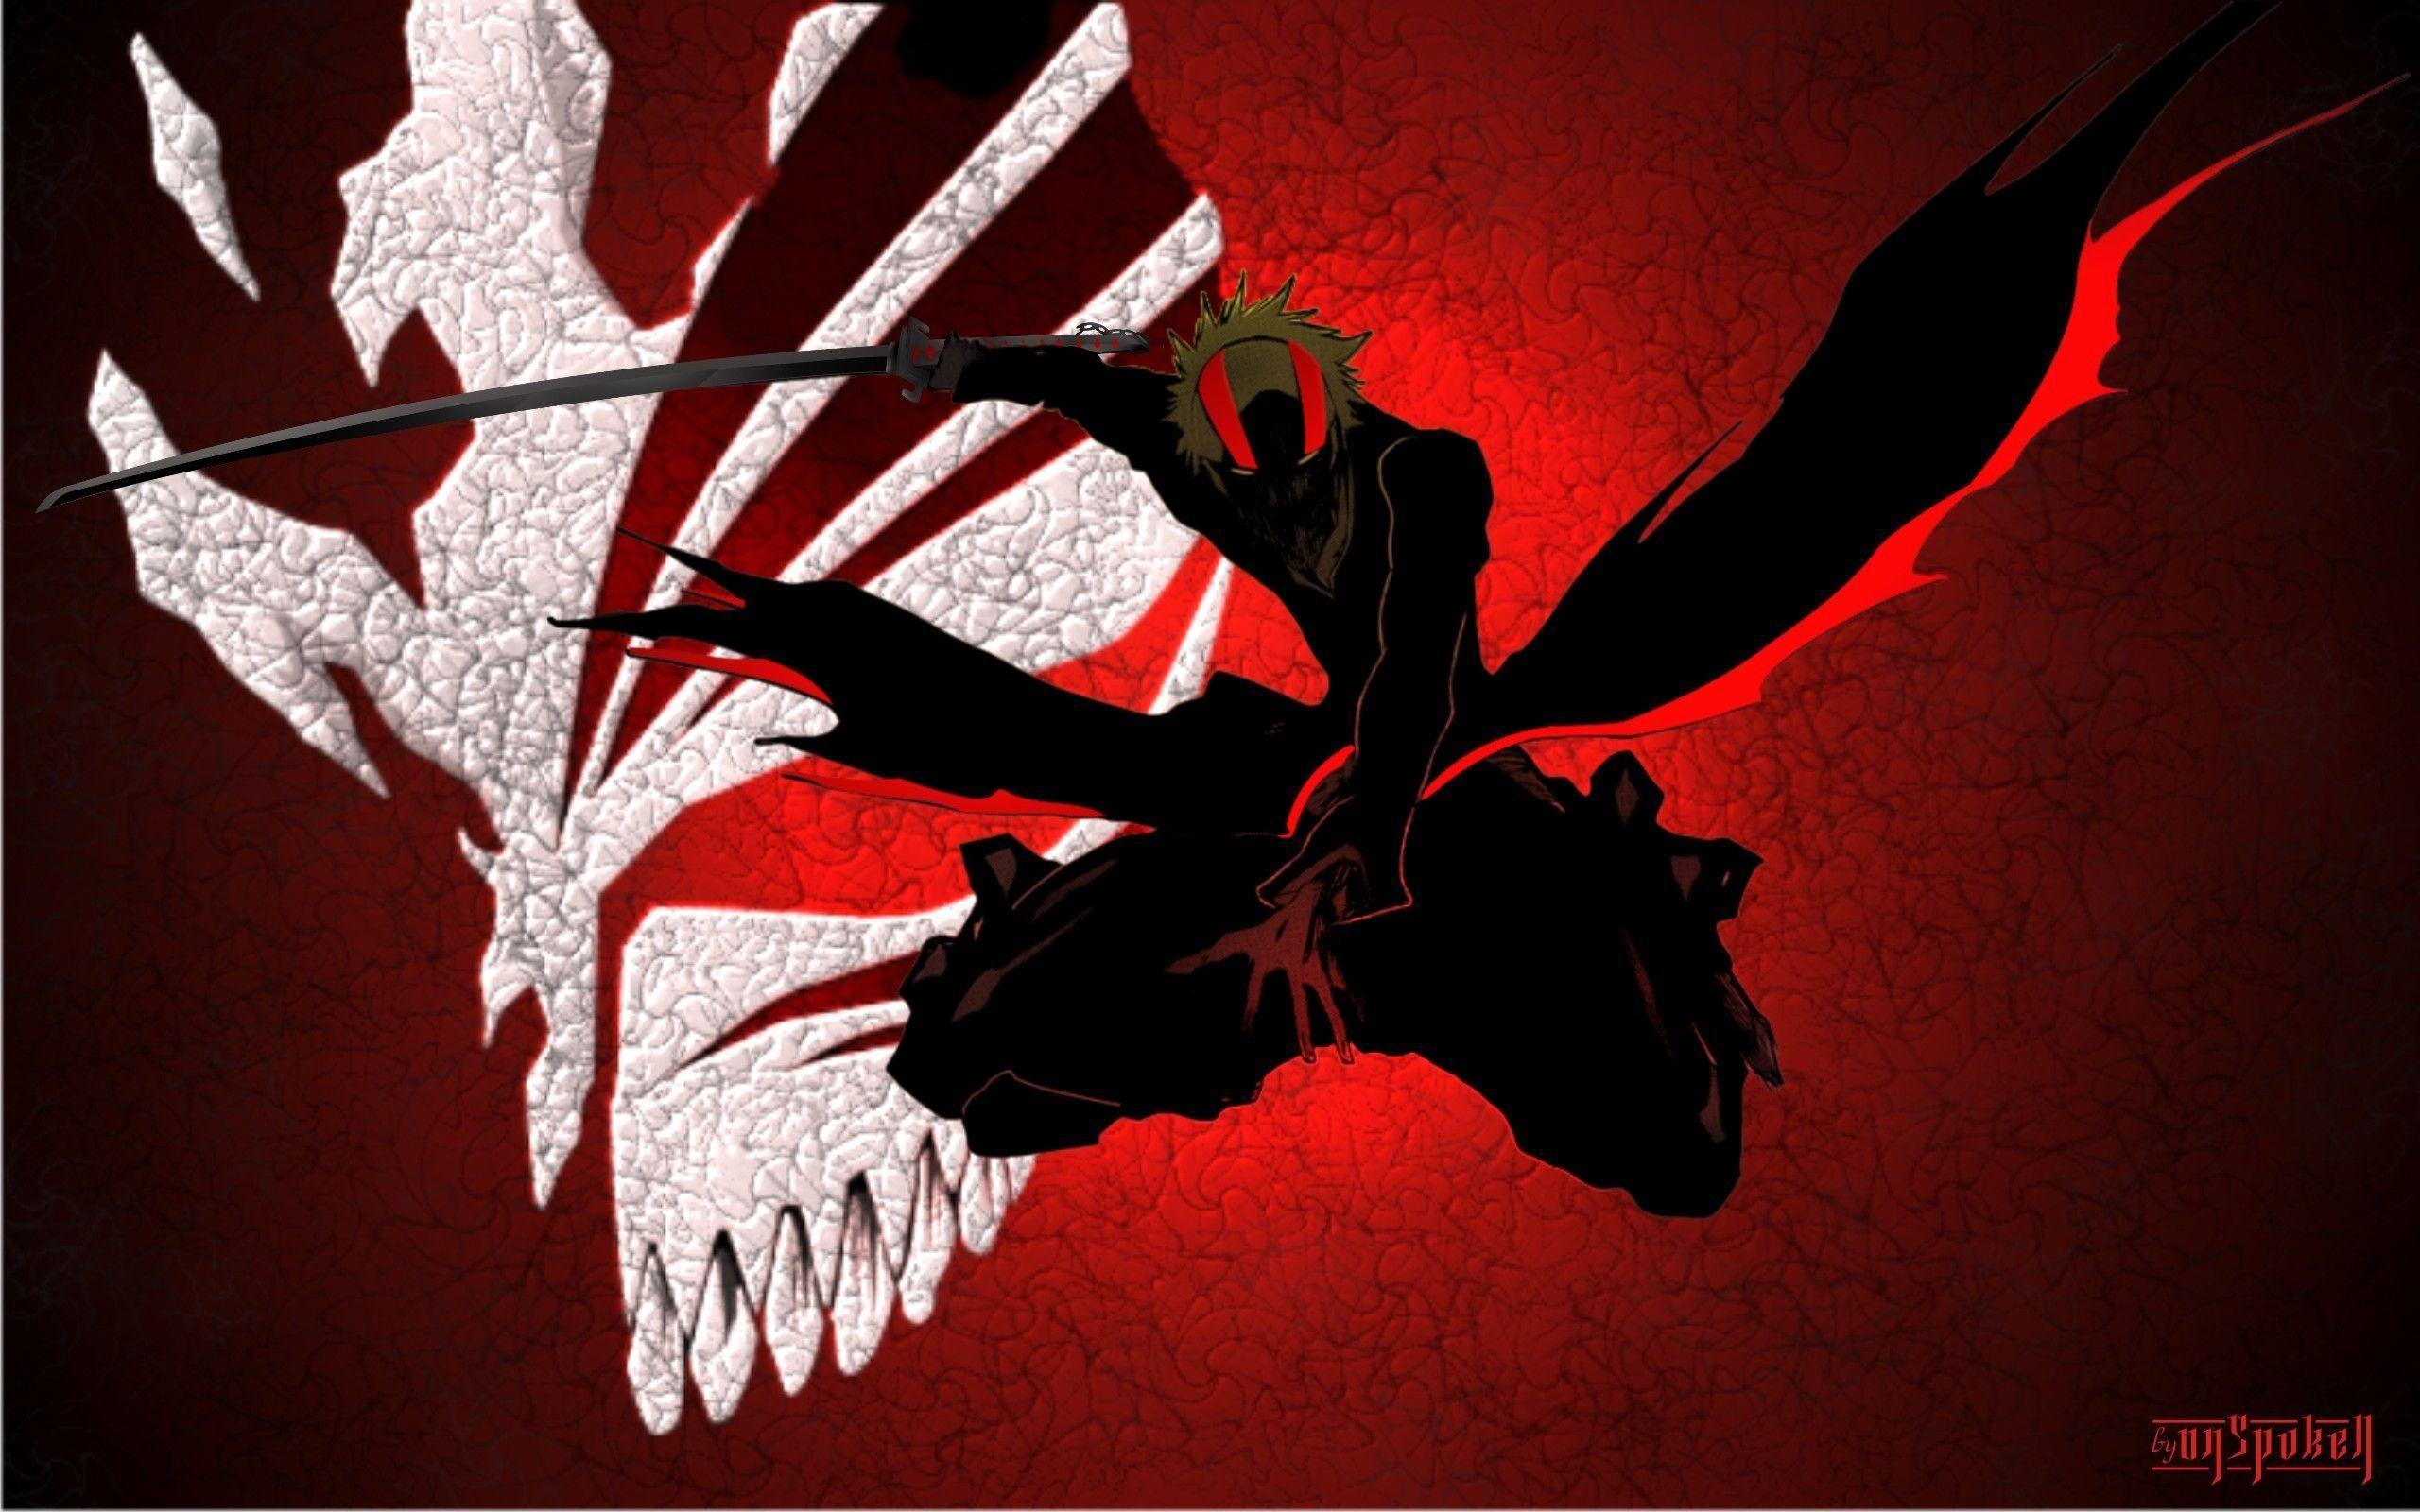 Naruto Uzumaki Nine Tailed Fox Wallpapers Images : Anime Wallpaper .